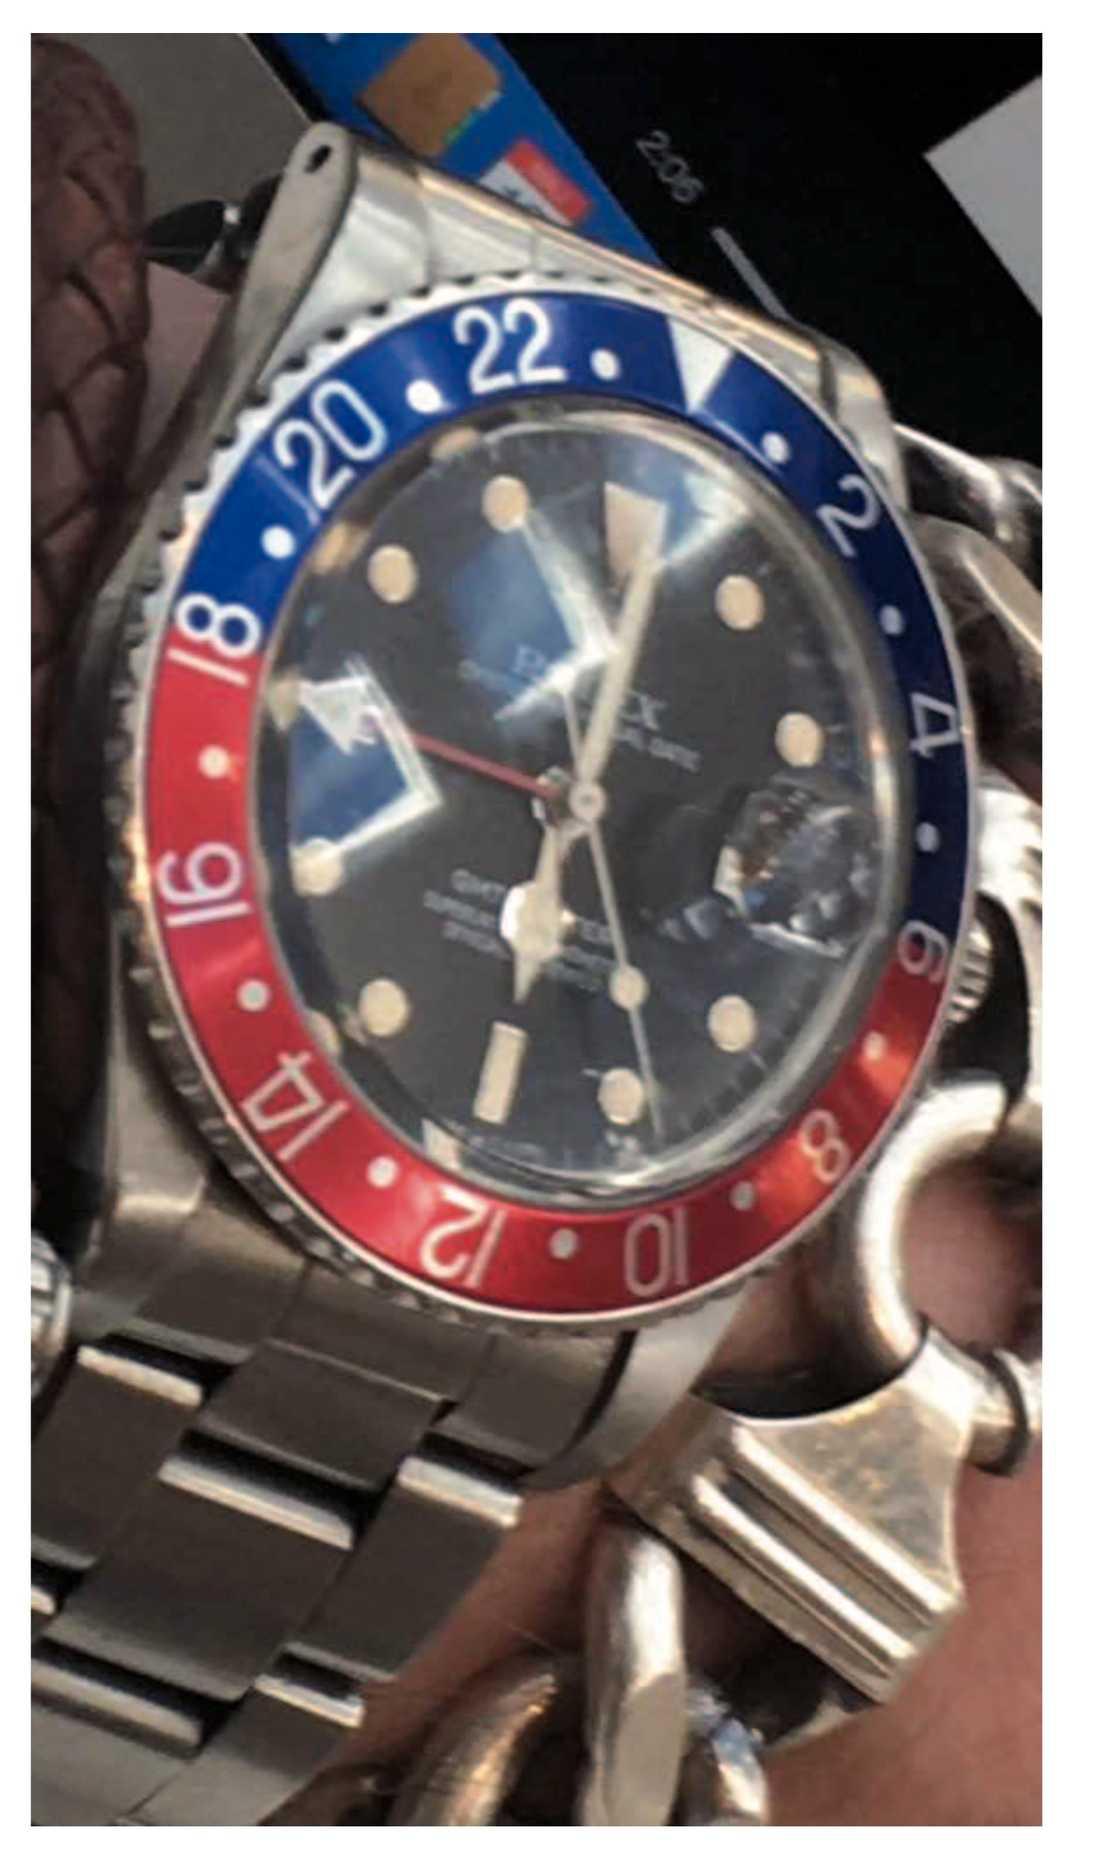 Rolex-klocka som blev bytet vid rånet på Birger Jarlsgatan.